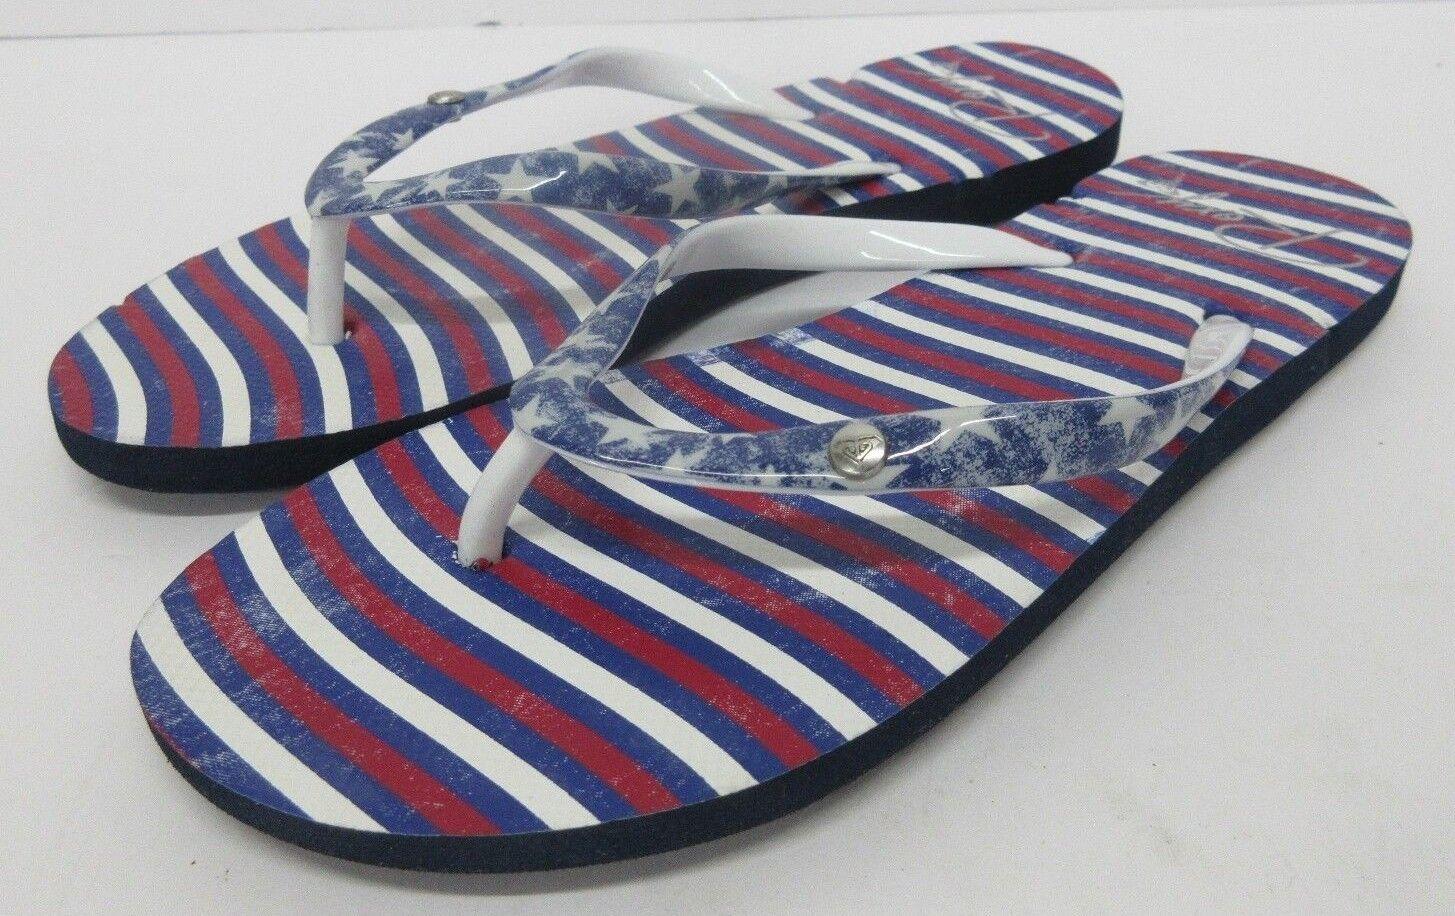 Nuovo! Roxy 'Bandiera' USA Tema Sandali Donna Infradito Rosso Bianco Blu Donna Sandali Misura: 5c19a6